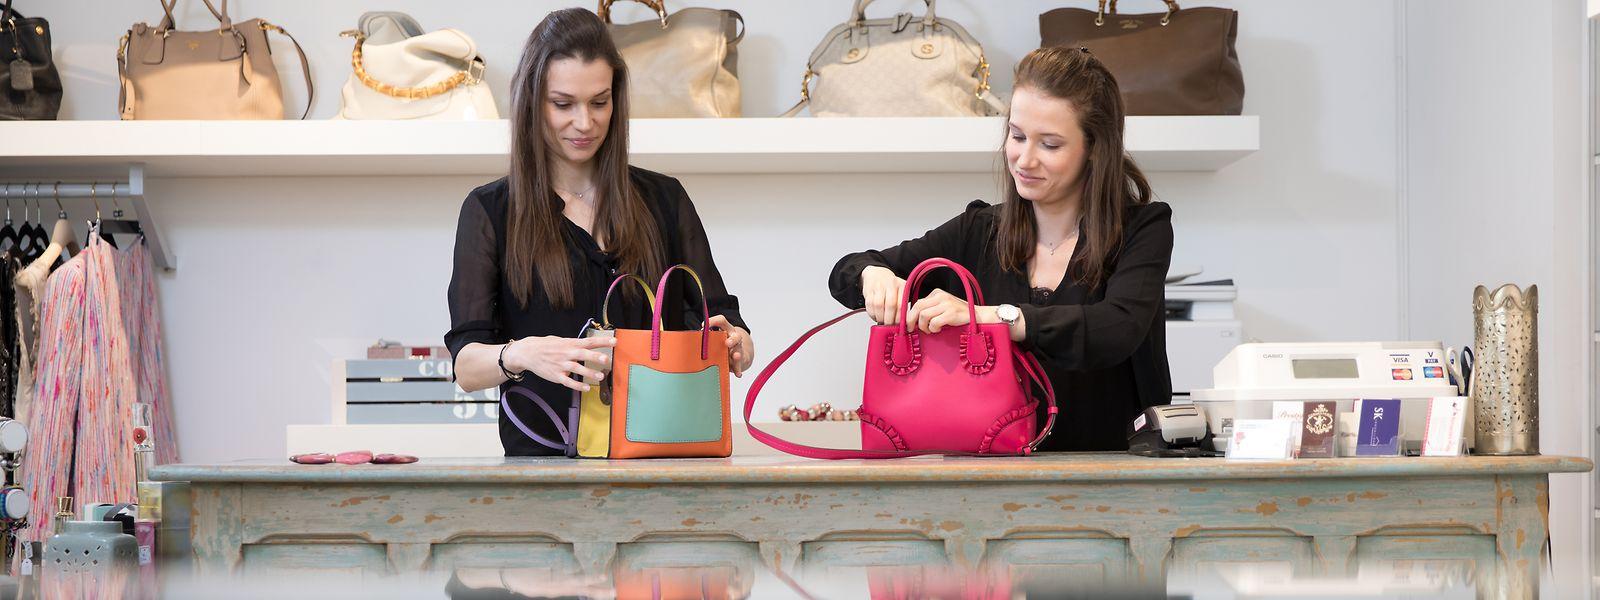 Die beiden Schwestern Nora und Linda Winandy führen einen der wenigen Second-Hand-Läden in Luxemburg. Das Interesse nach Ware aus zweiter Hand wachse stetig, sagen sie.